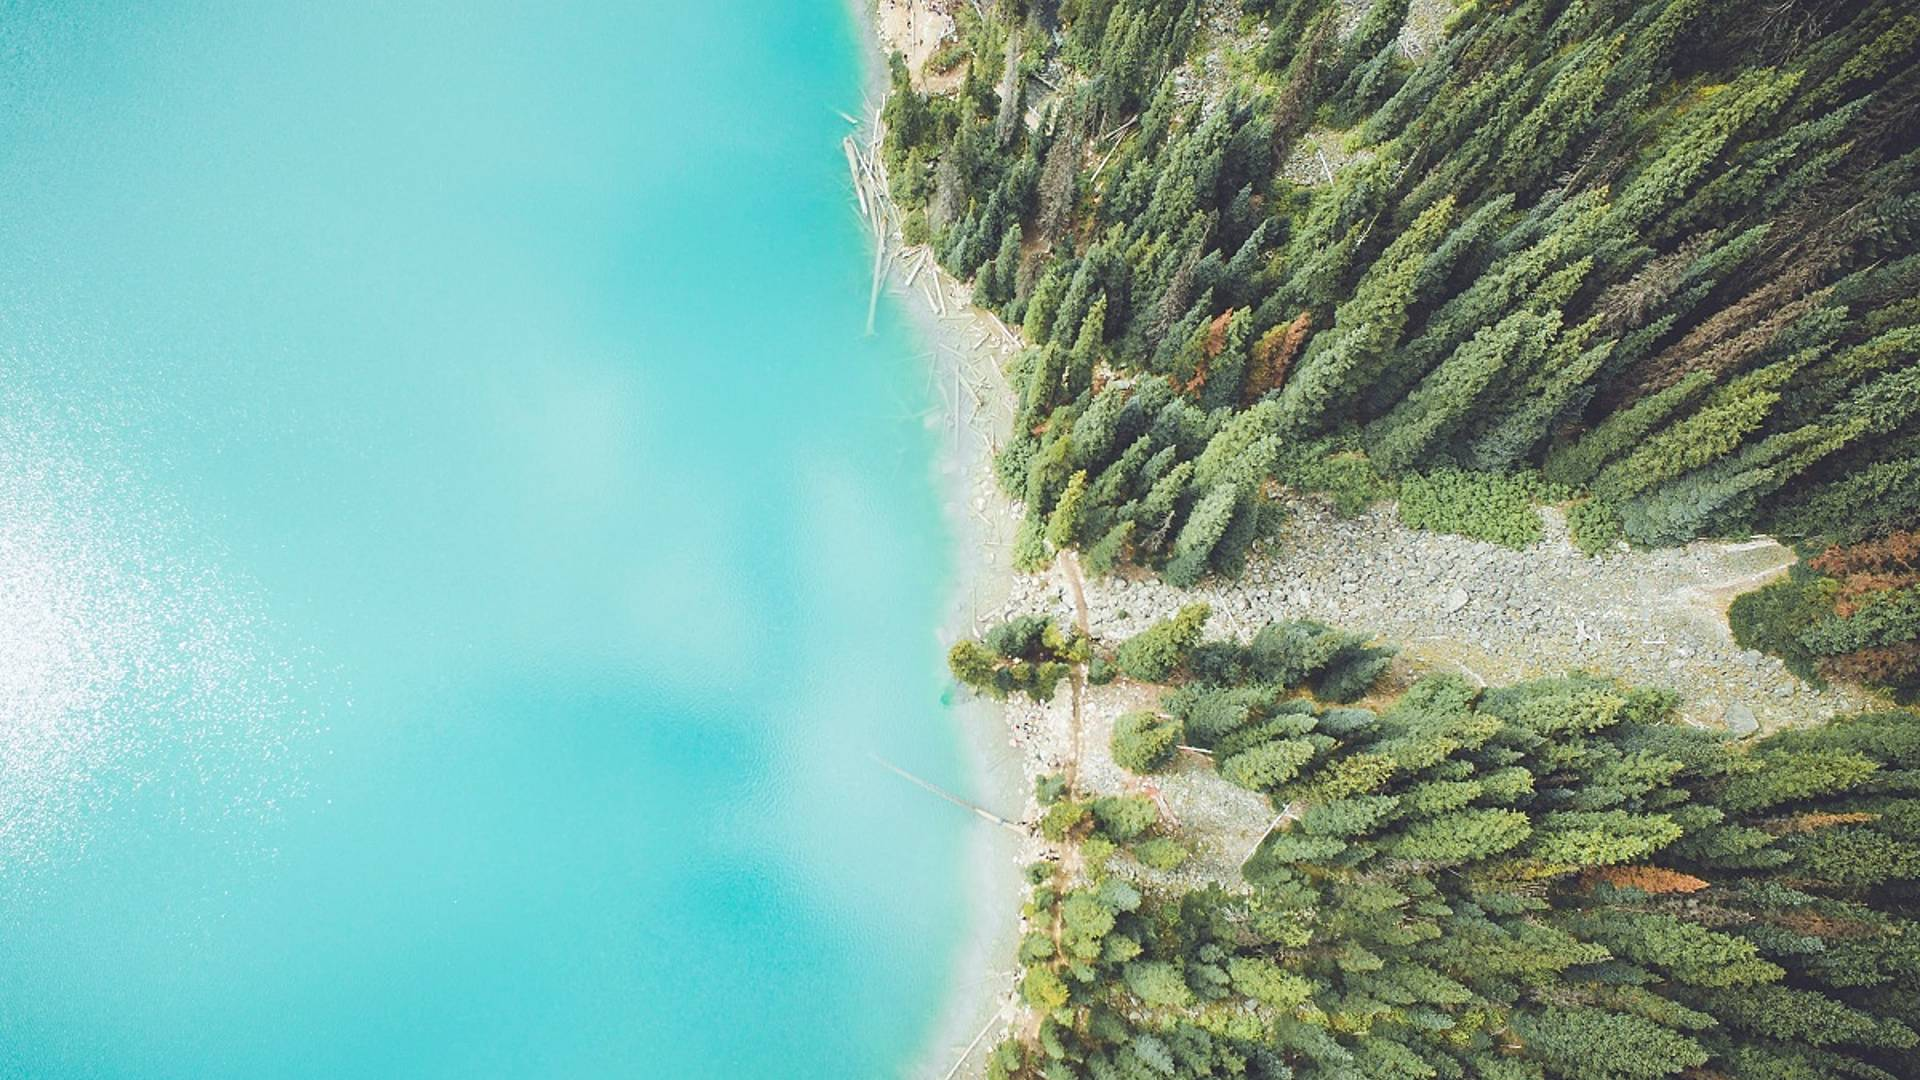 A la découverte de l'Ouest canadien, du Pacifique aux Rocheuses